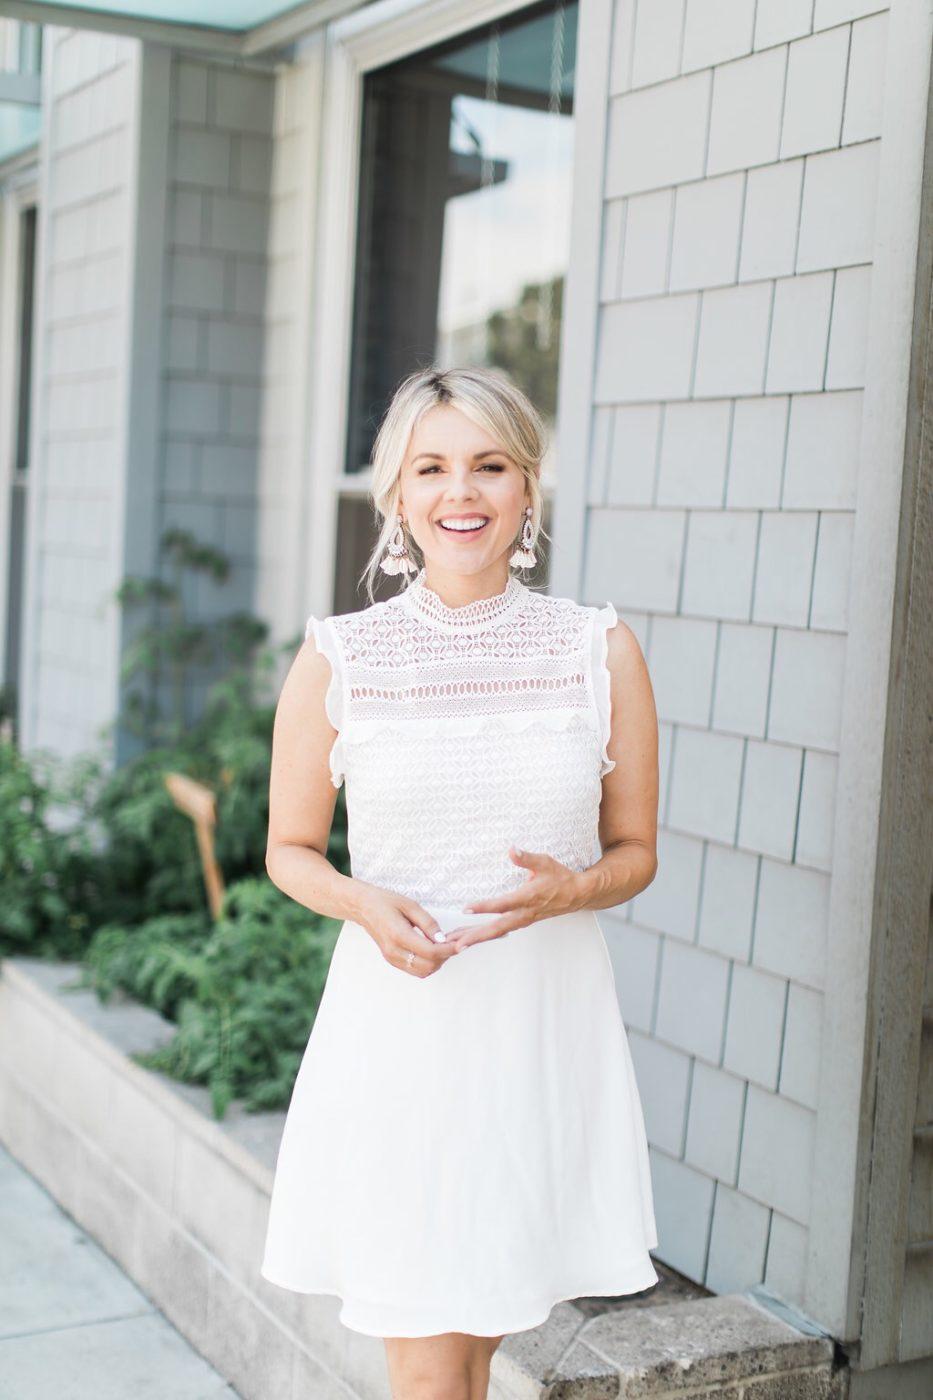 Bridal Dress Inspiration for under $100